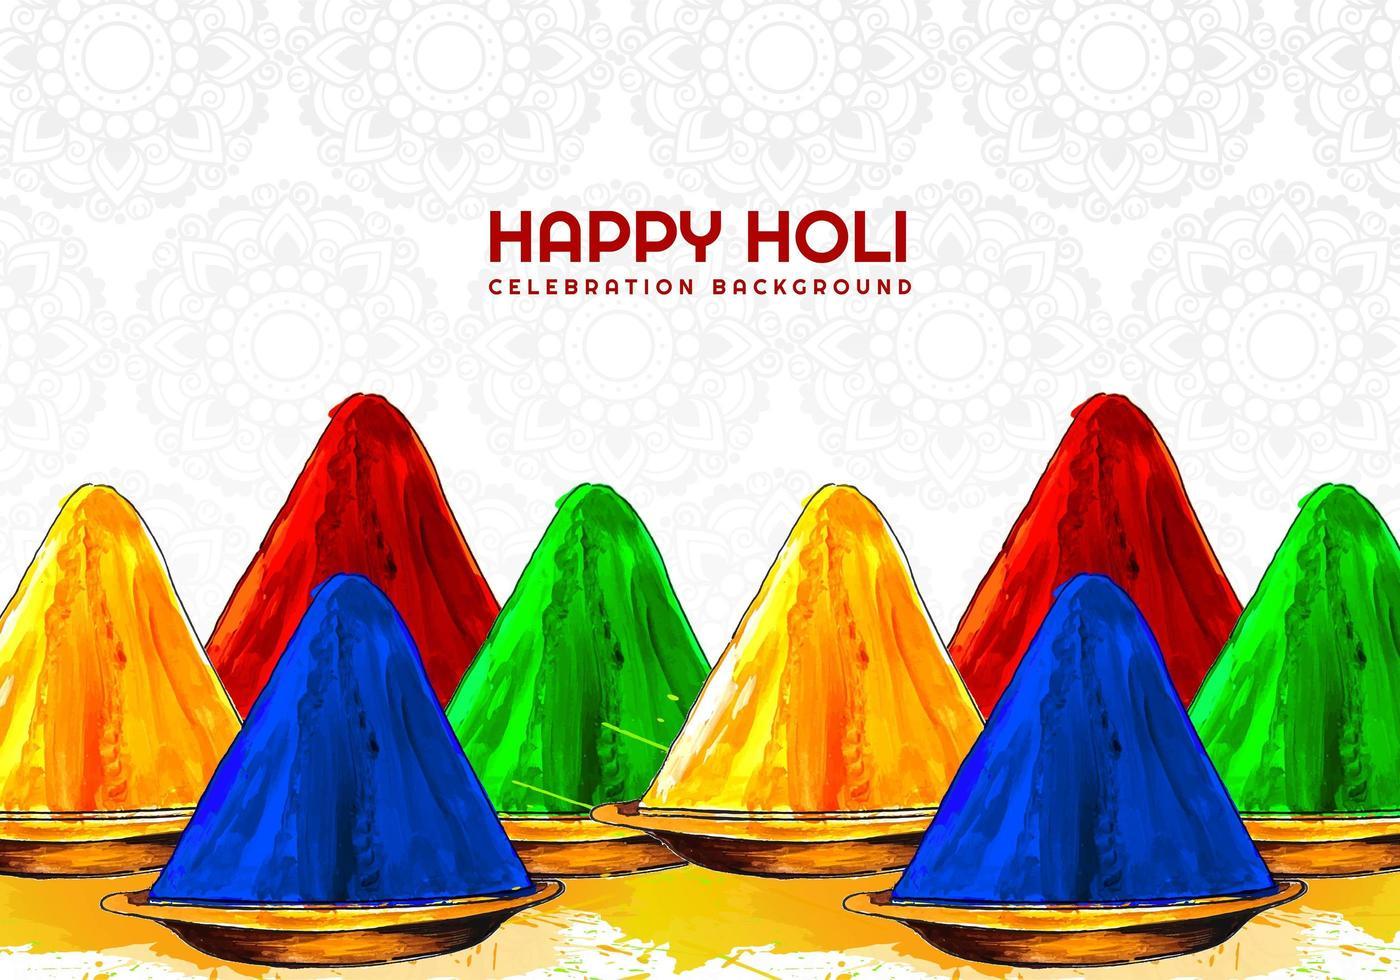 couleurs du festival holi sur fond à motifs vecteur